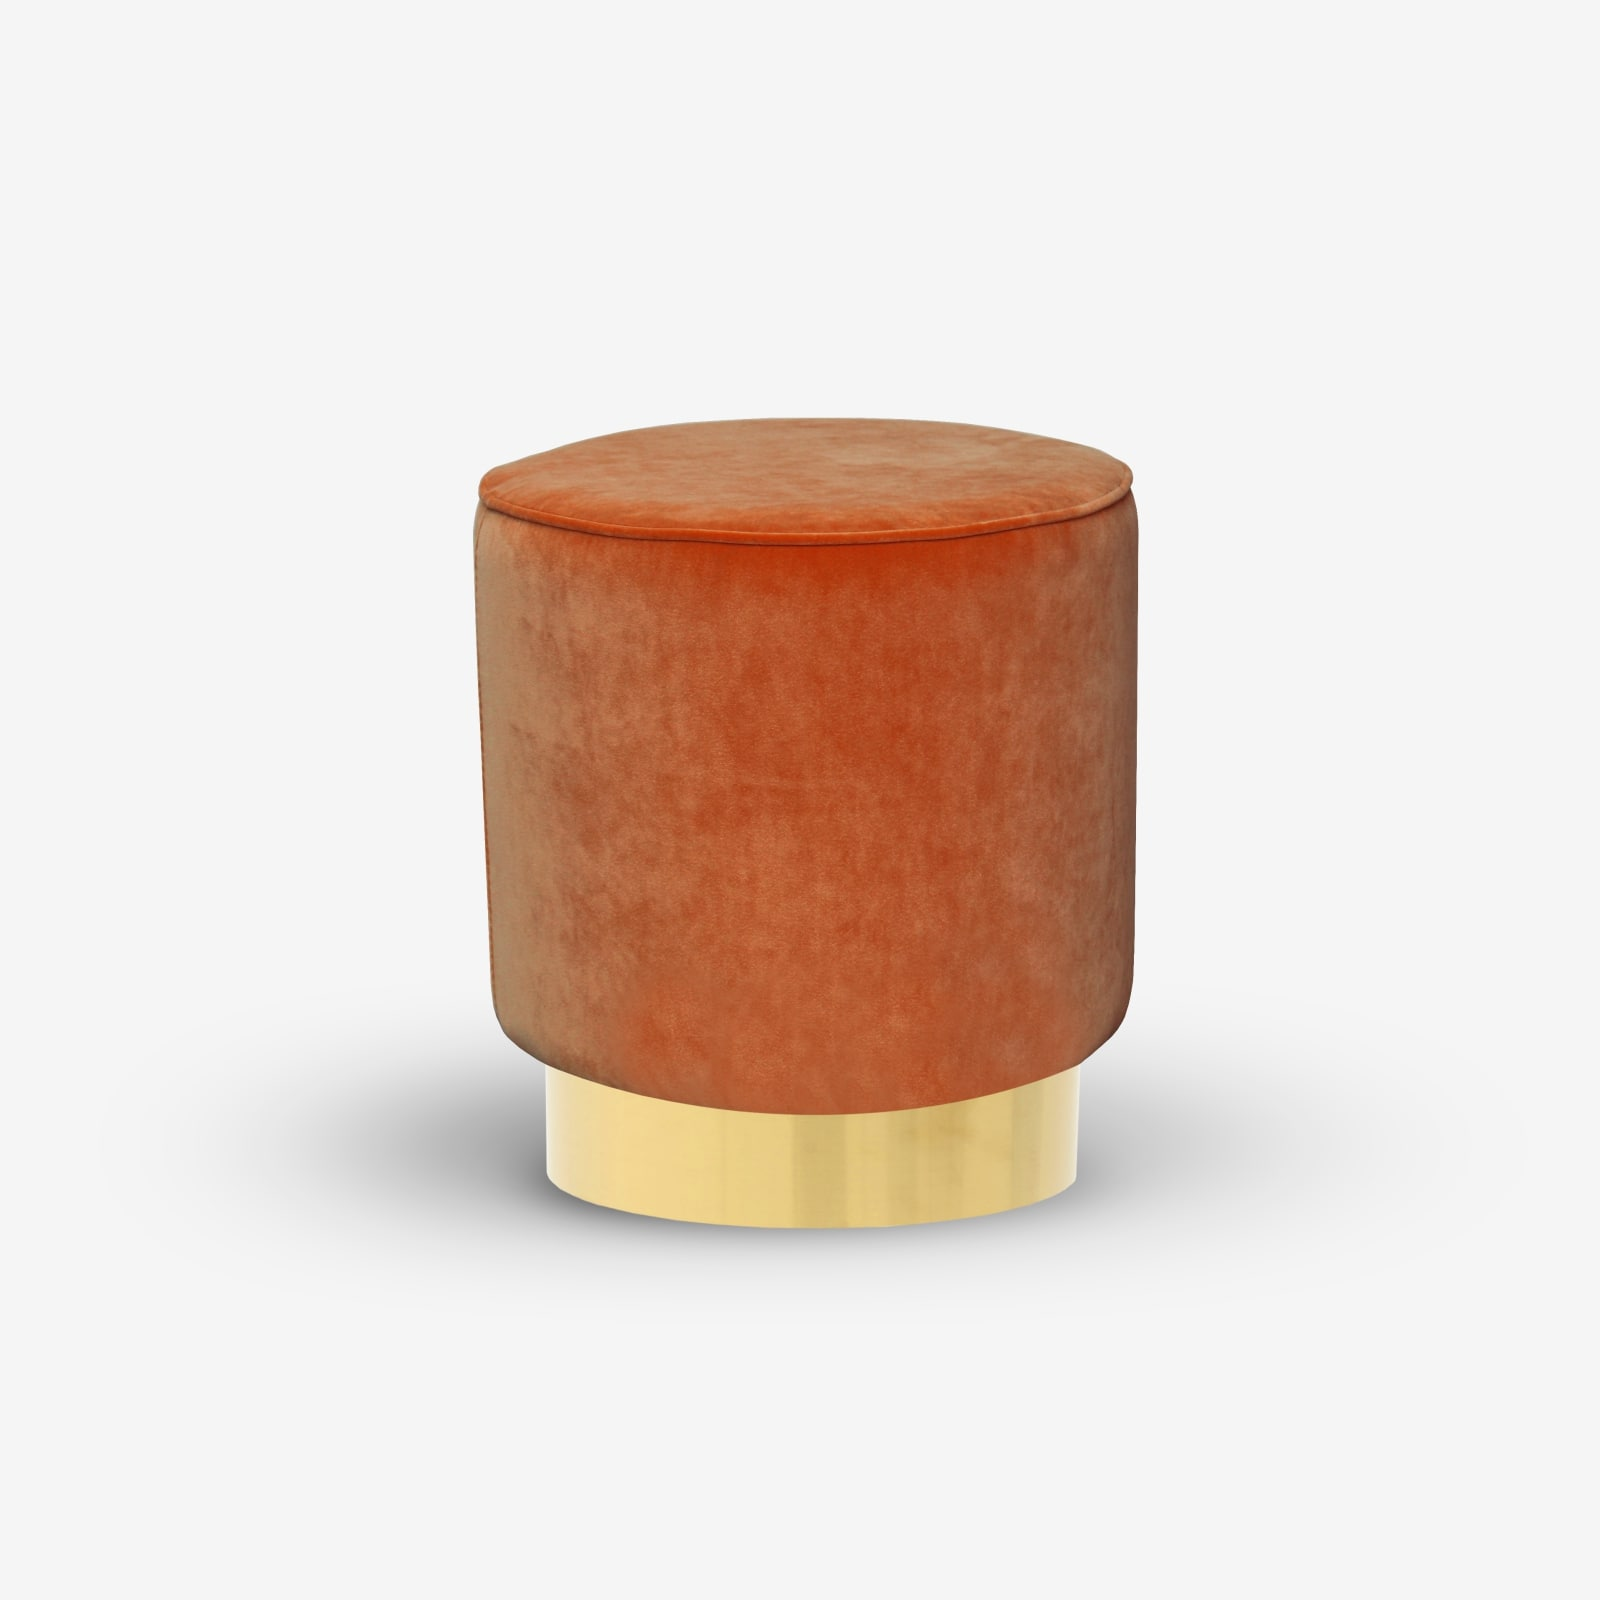 produzione-pouf-in-velluto-liscio-e-oro-pouf-in-metallo-oro-pouf-in-velluto-per-arredamento-contract-pouf-per-ristoranti-pouf-arredamento-bar-alberghi-negozi-uffici-OTTO-aol